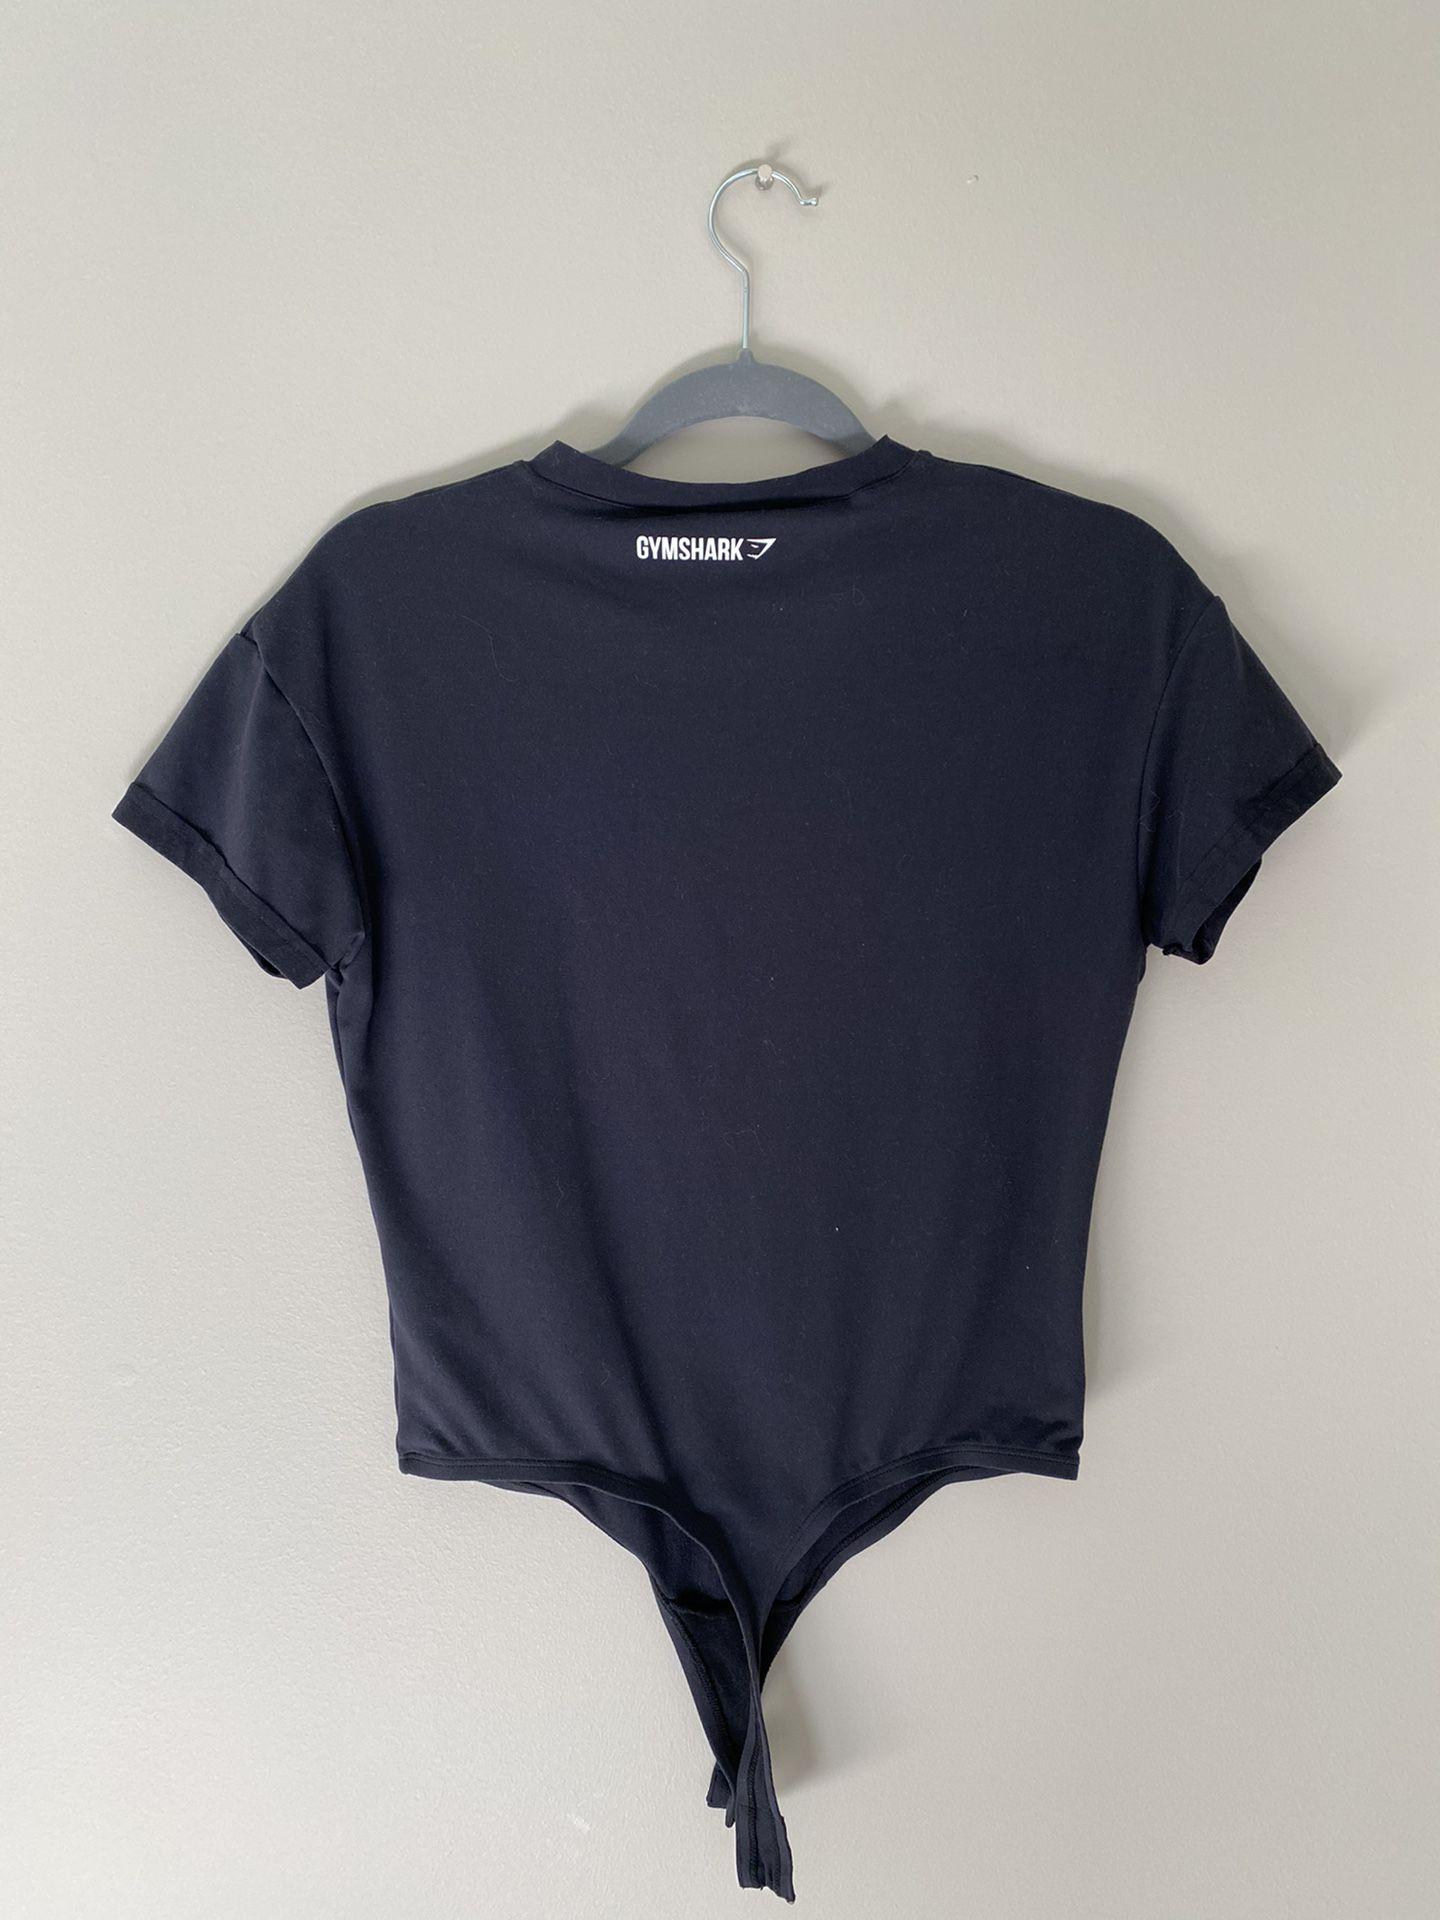 Gymshark Bodysuit